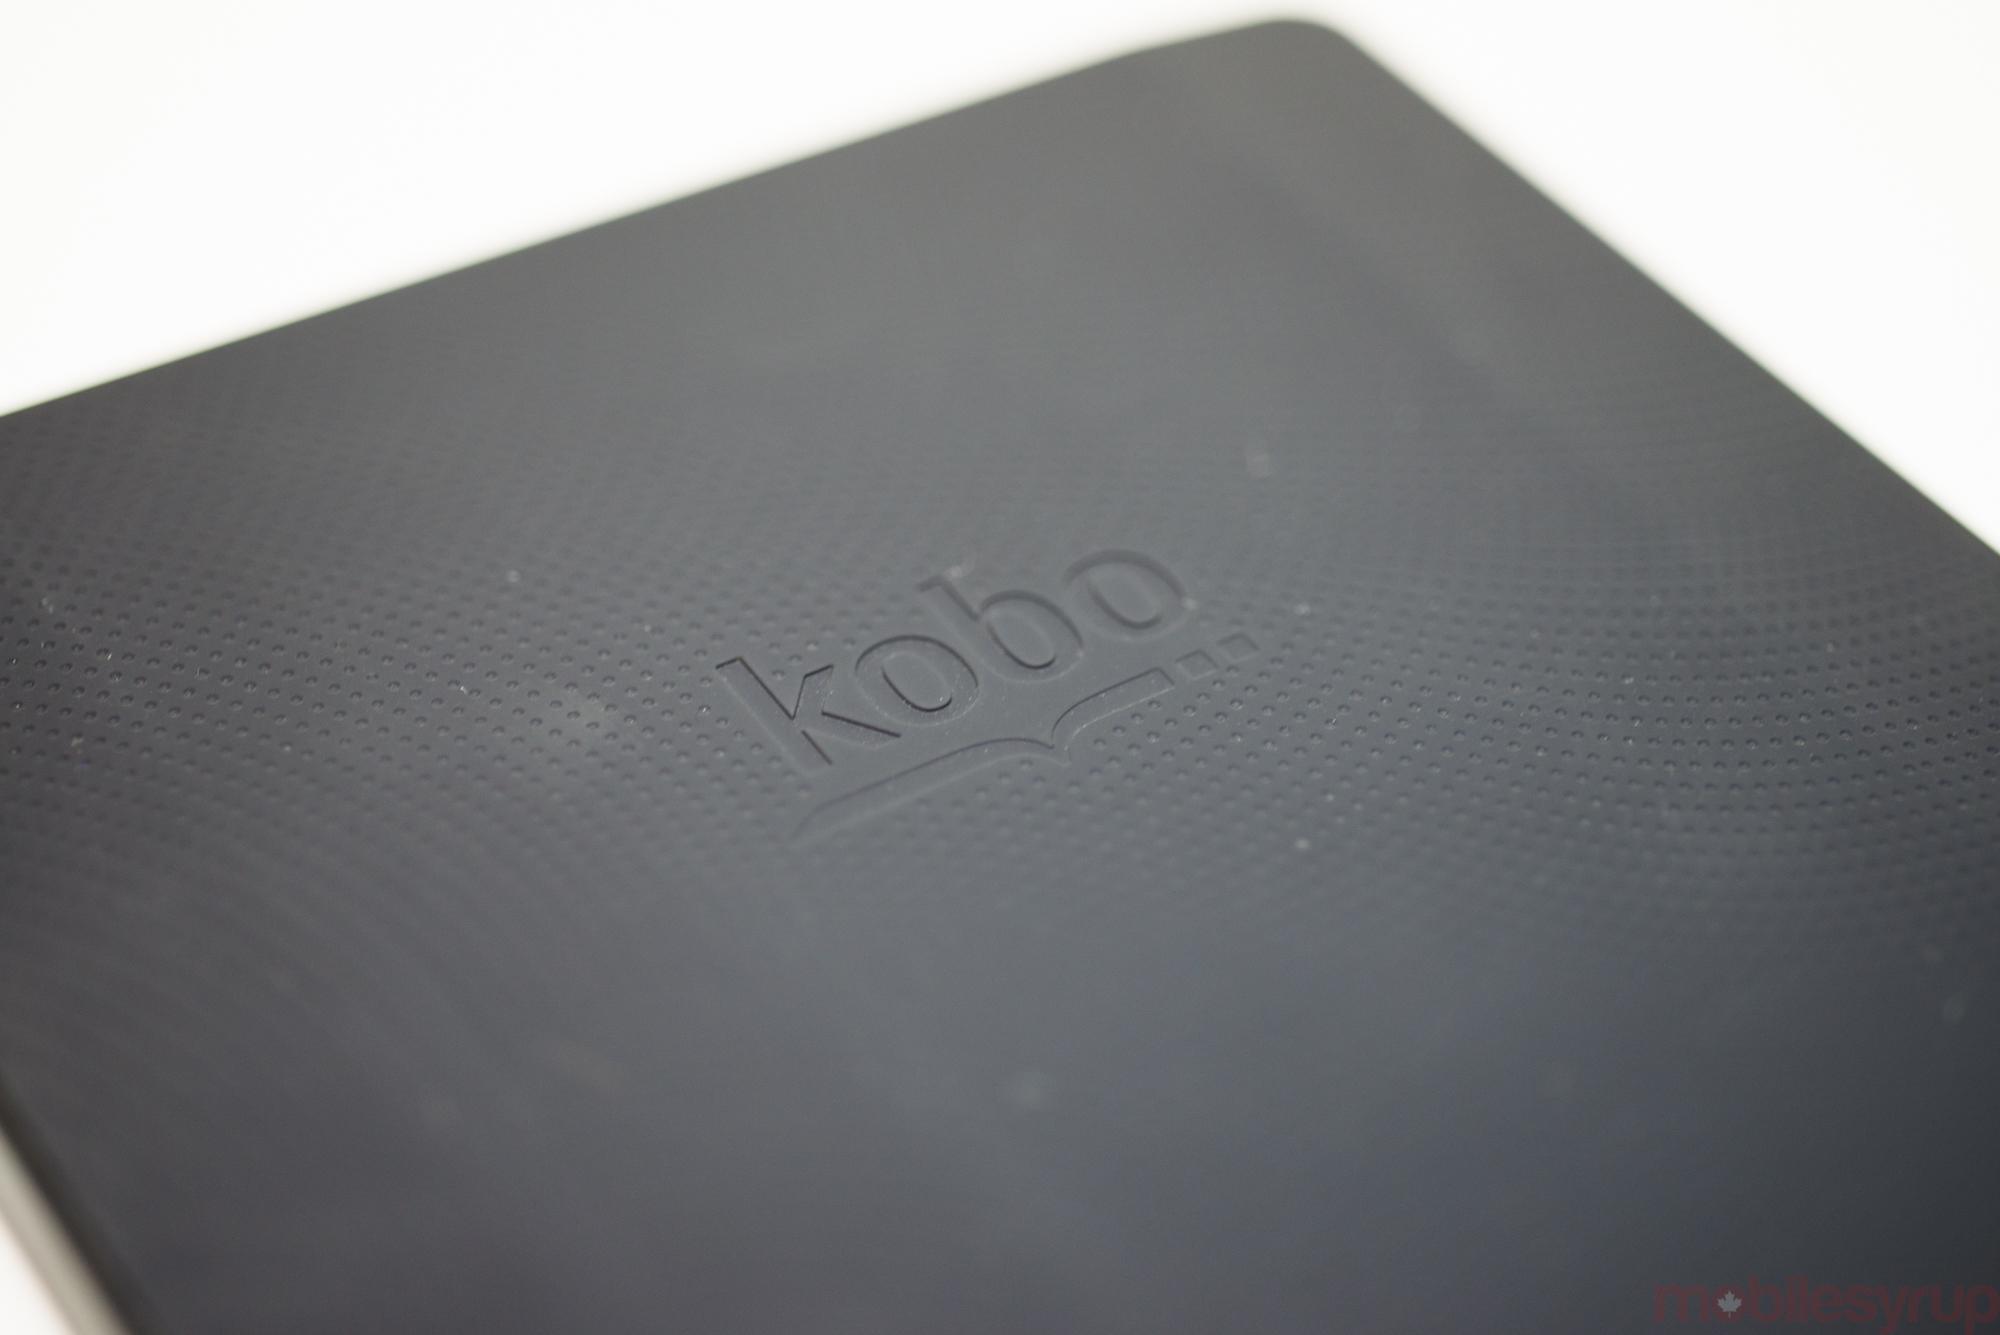 koboglohdreview-5960